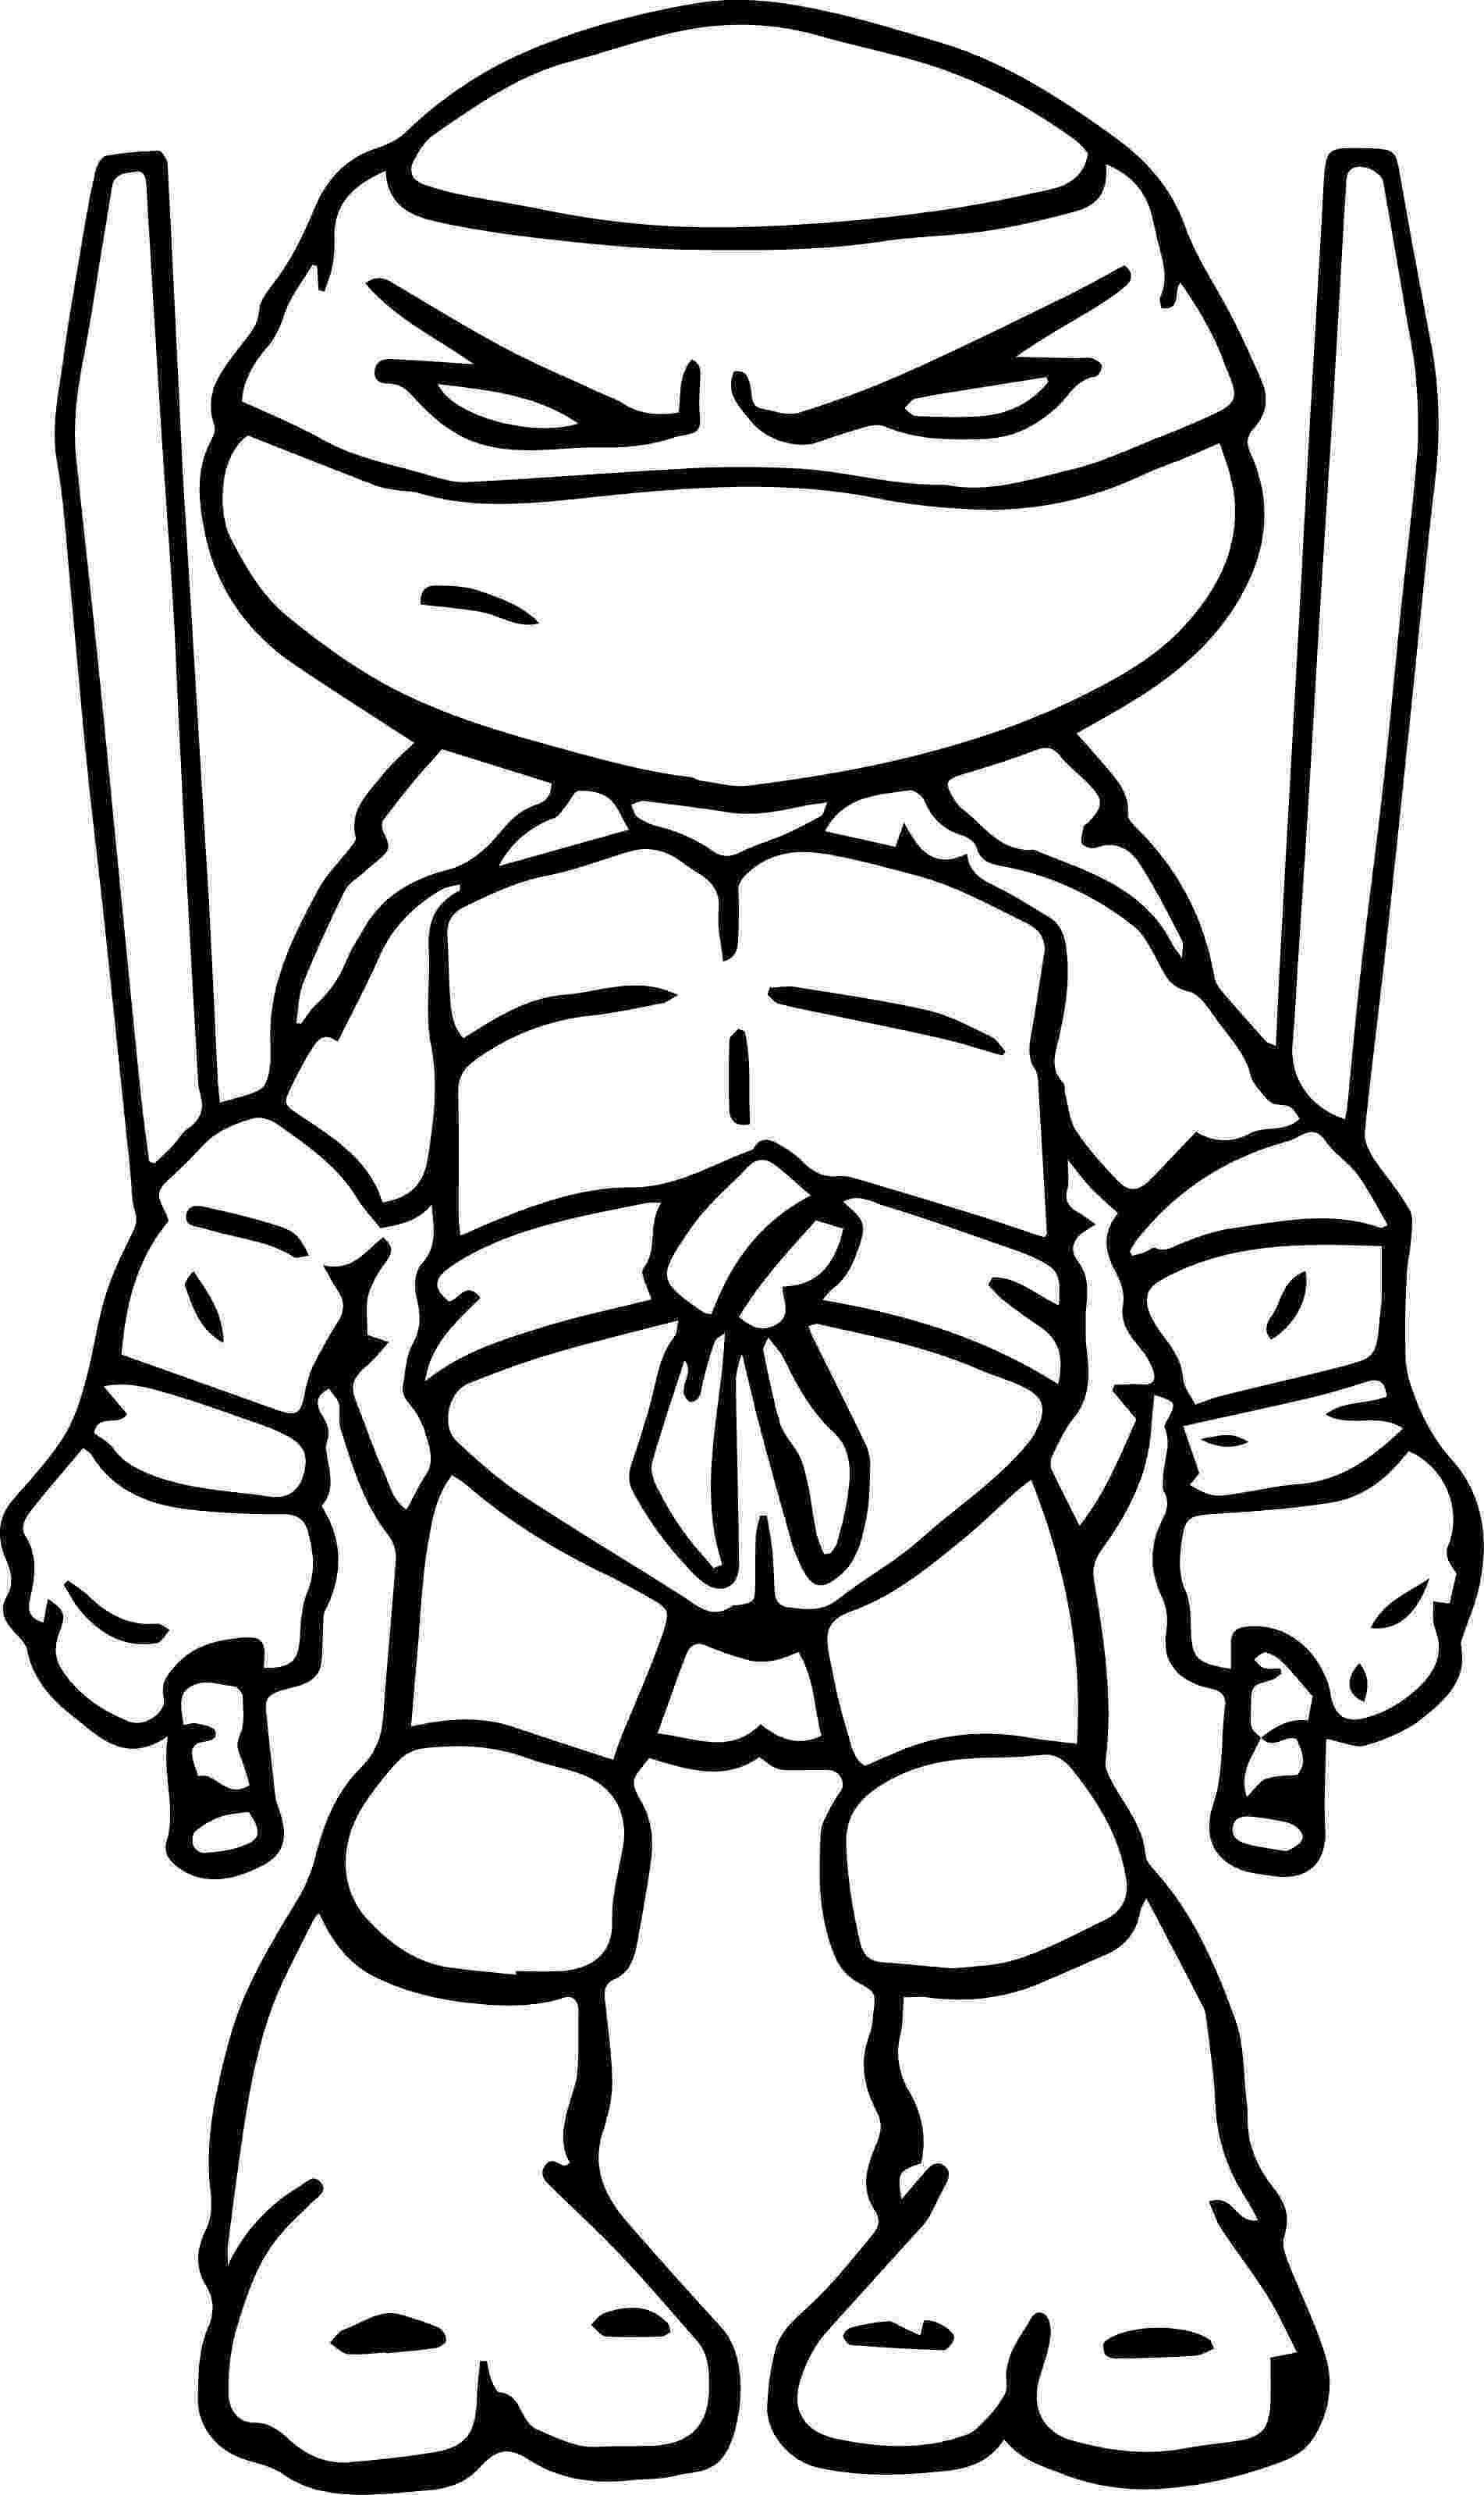 ninja turtles coloring pictures teenage mutant ninja turtles coloring pages best ninja pictures coloring turtles